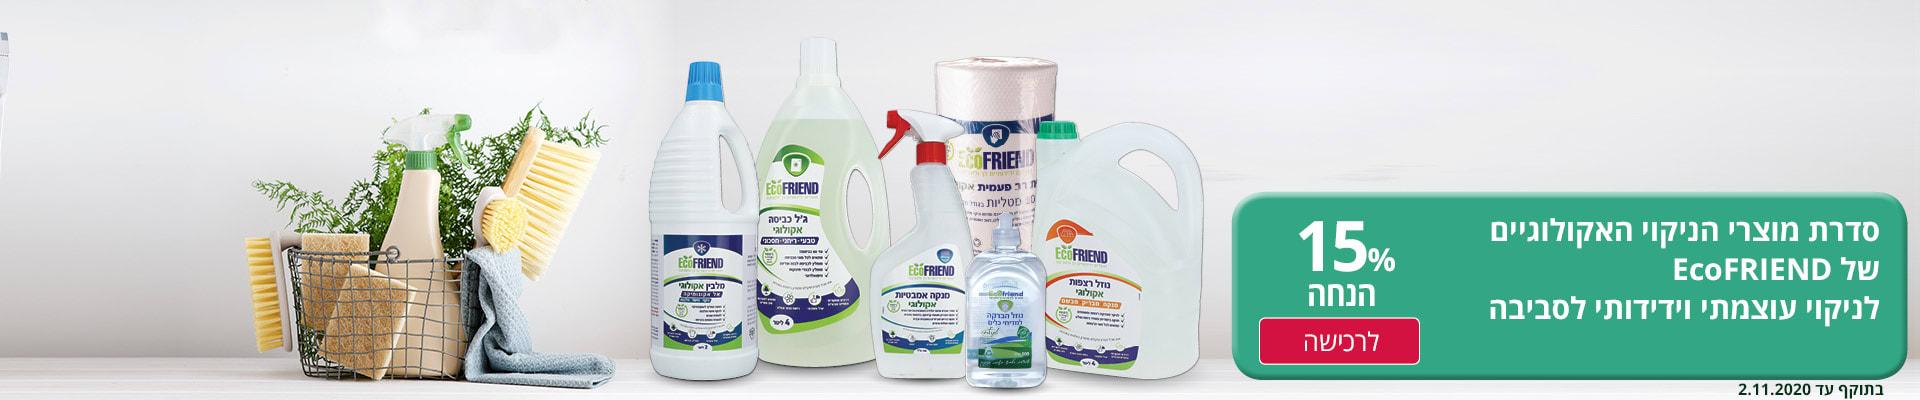 סדרת מוצרי הניקוי האקולוגיים של EcoFRIEND - לניקוי עוצמתי וידידותי לסביבה ב-15% הנחה. בתוקף עד 2.11.2020